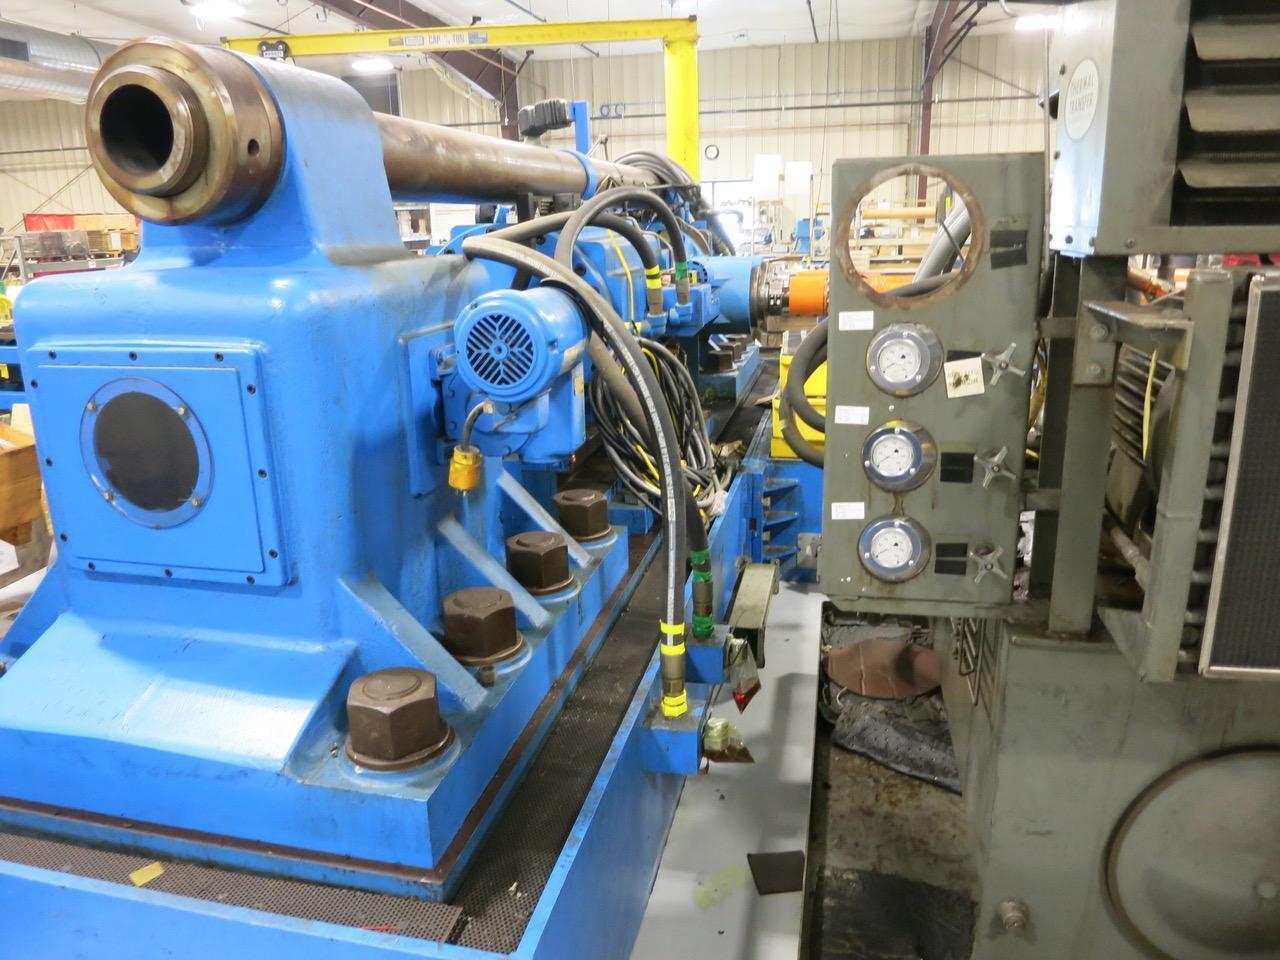 Tesker Model 840 Cylindrical Die Thread Roller Machine